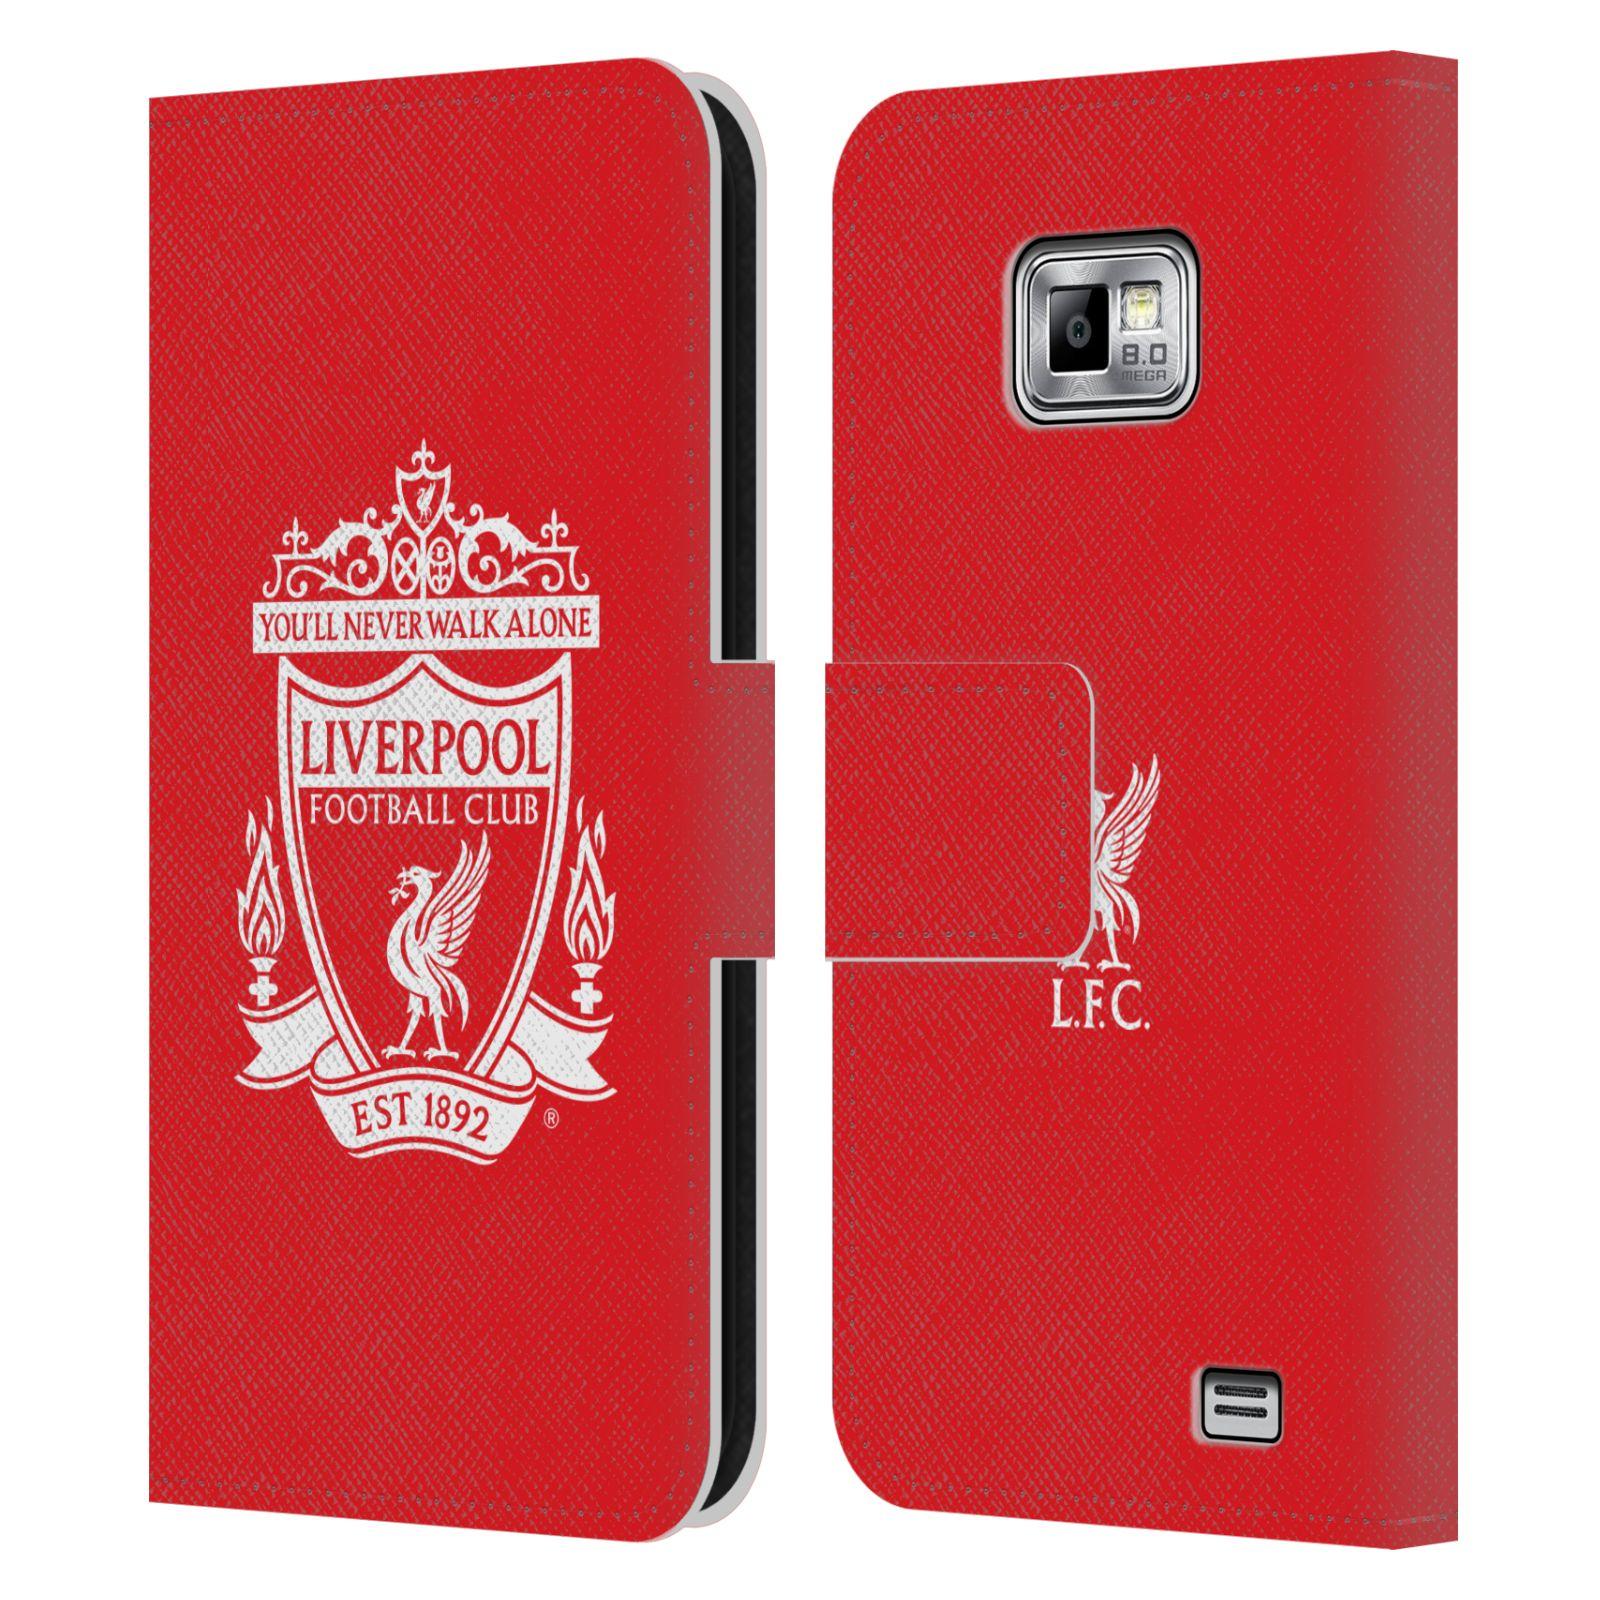 HEAD CASE Flipové pouzdro pro mobil Samsung Galaxy S2 i9100 LIVERPOOL FC OFICIÁLNÍ ZNAK bílý znak na červené